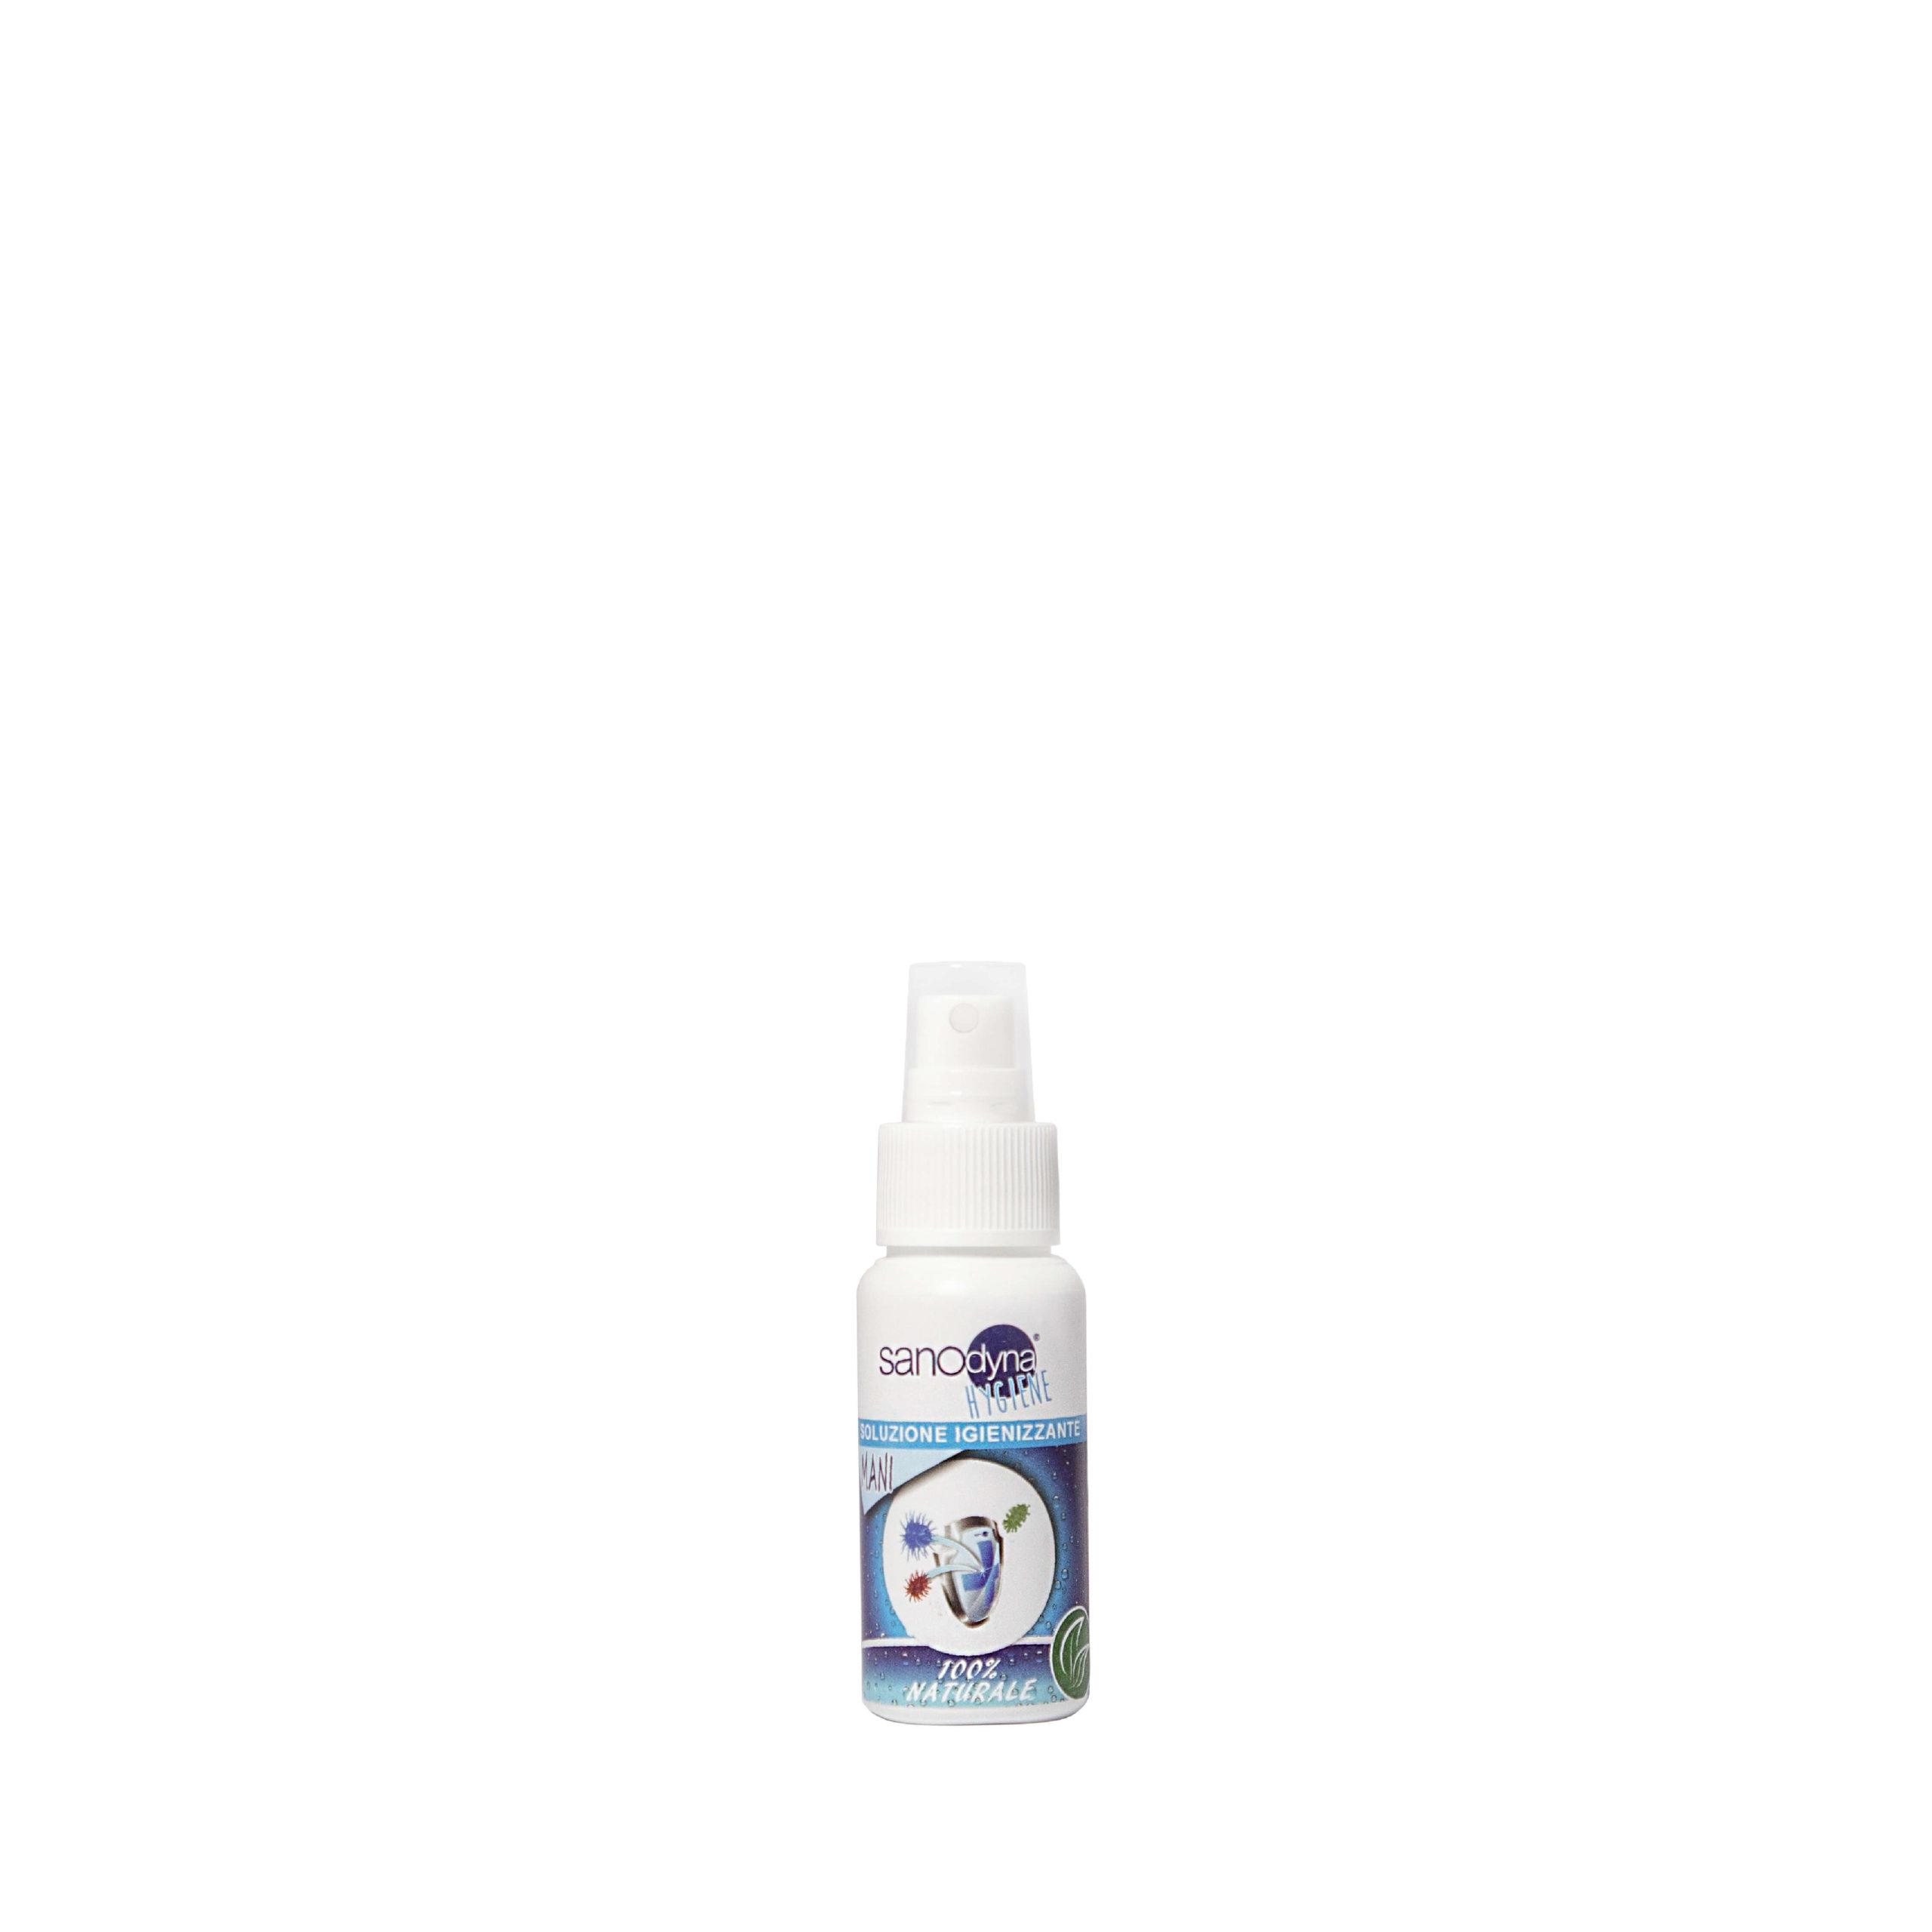 Sanodyna hygiene disinfettante naturale